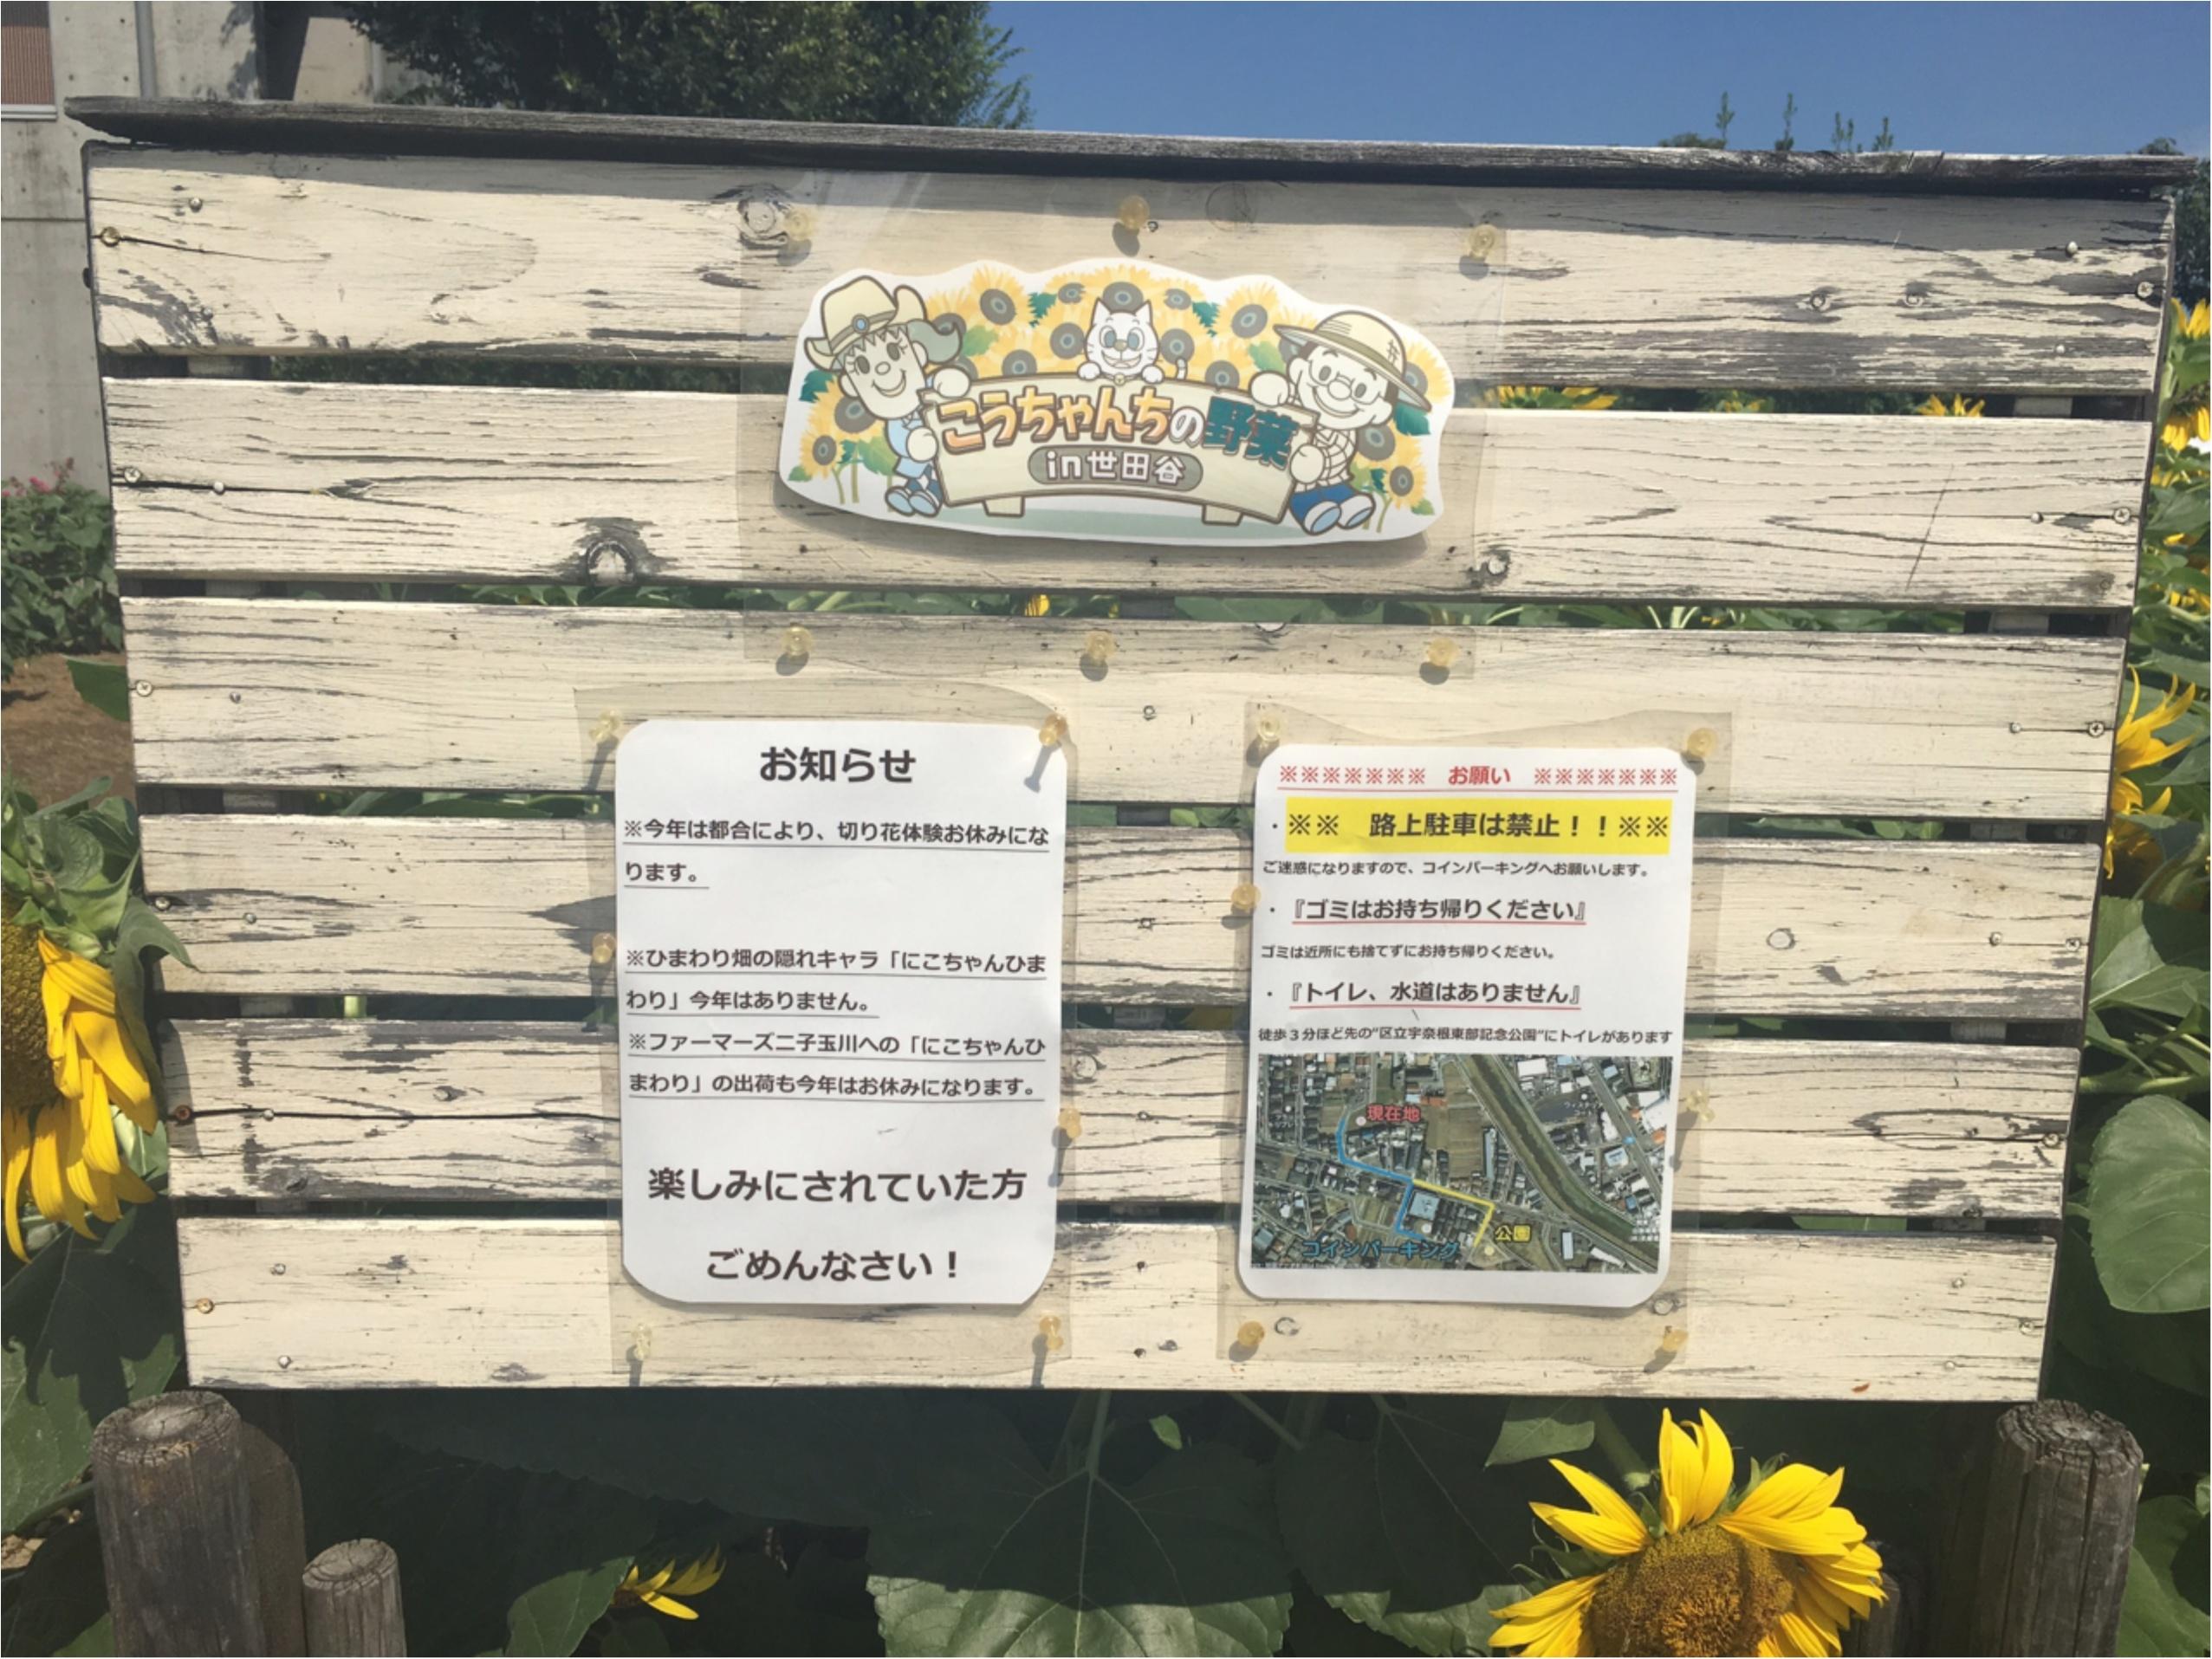 東京・世田谷にひまわり畑があるって知ってた?なんと2万本ものひまわりが!_2